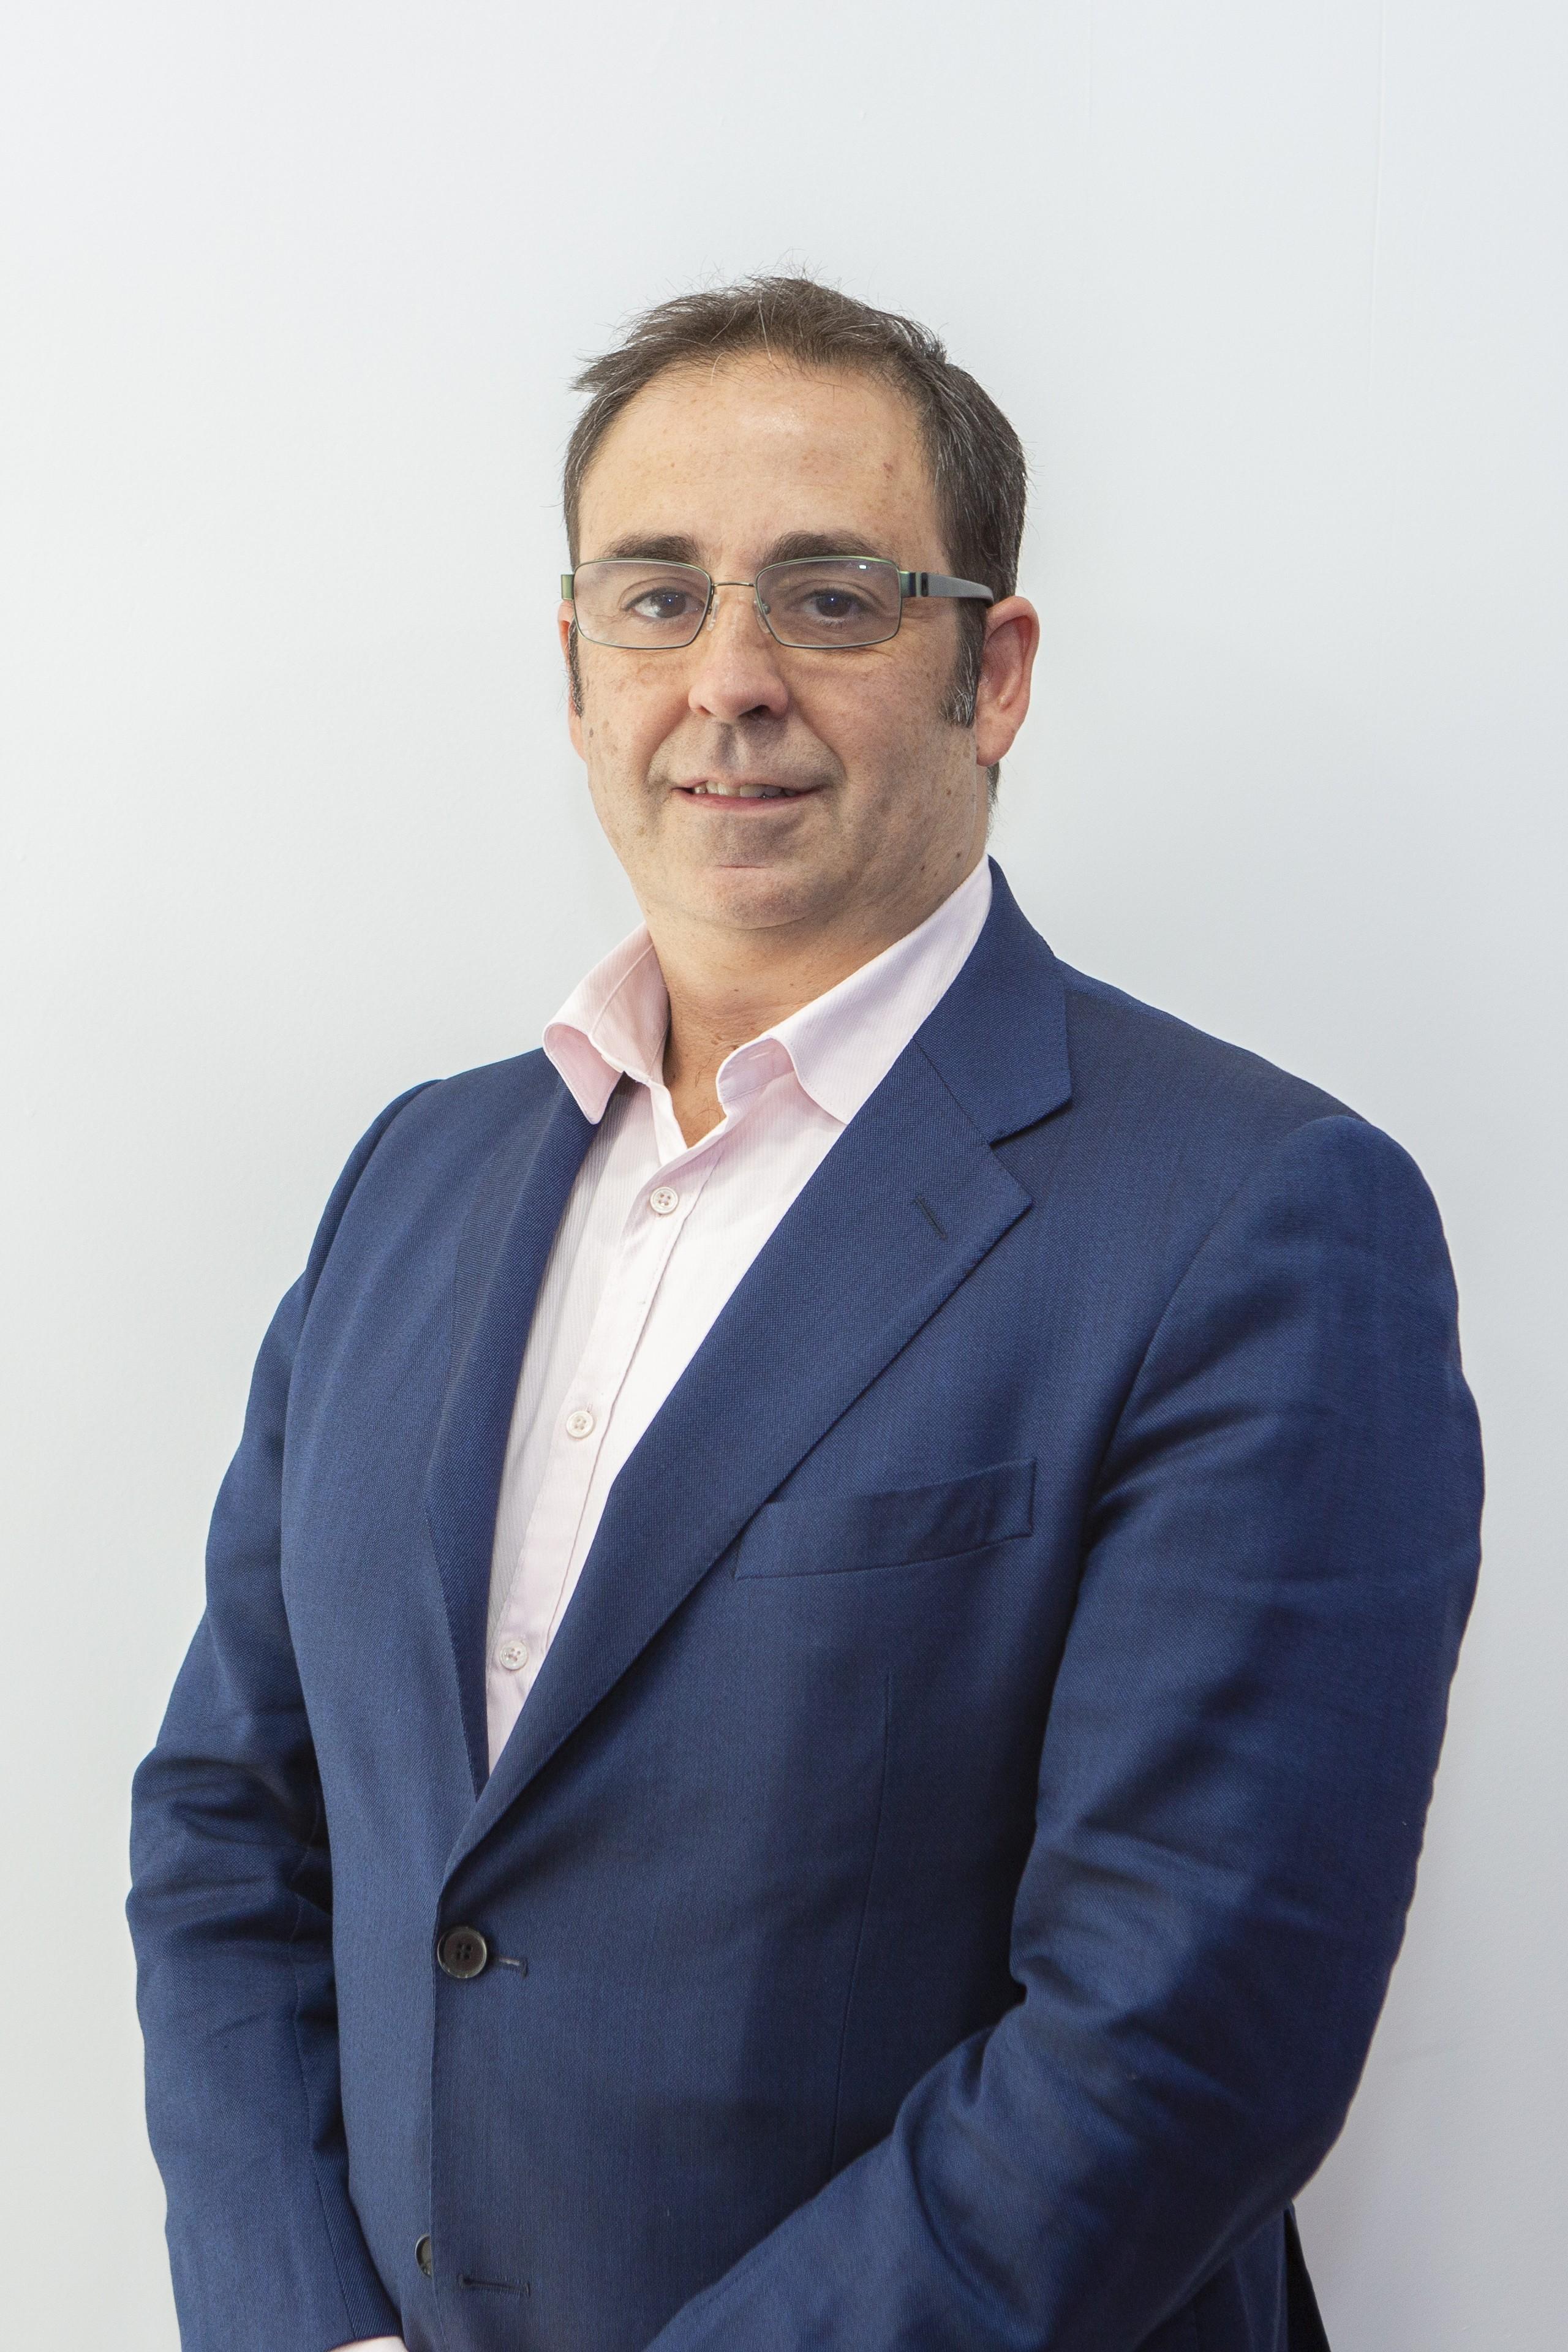 JOSE PABLO MONTES DE TORRE